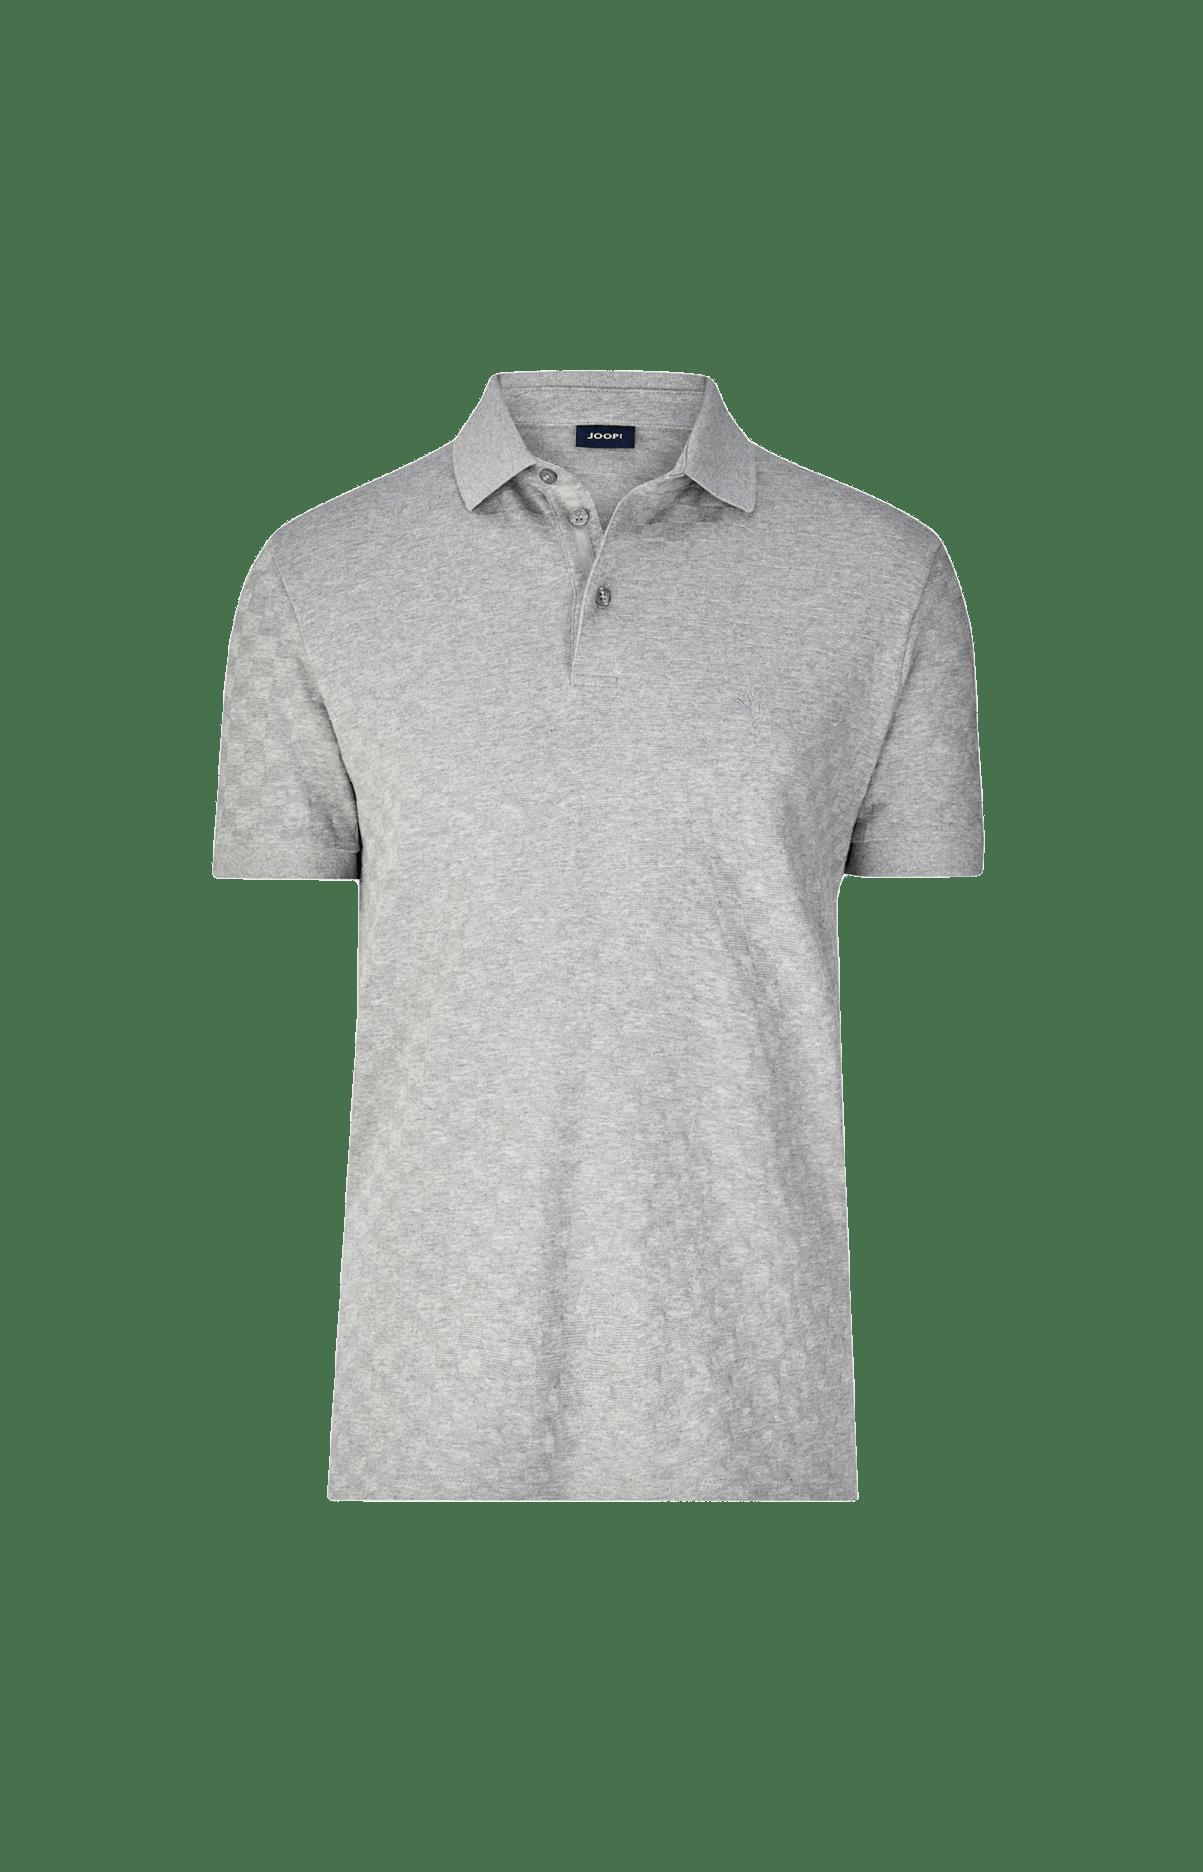 Baumwoll-Poloshirt Caio in Grau